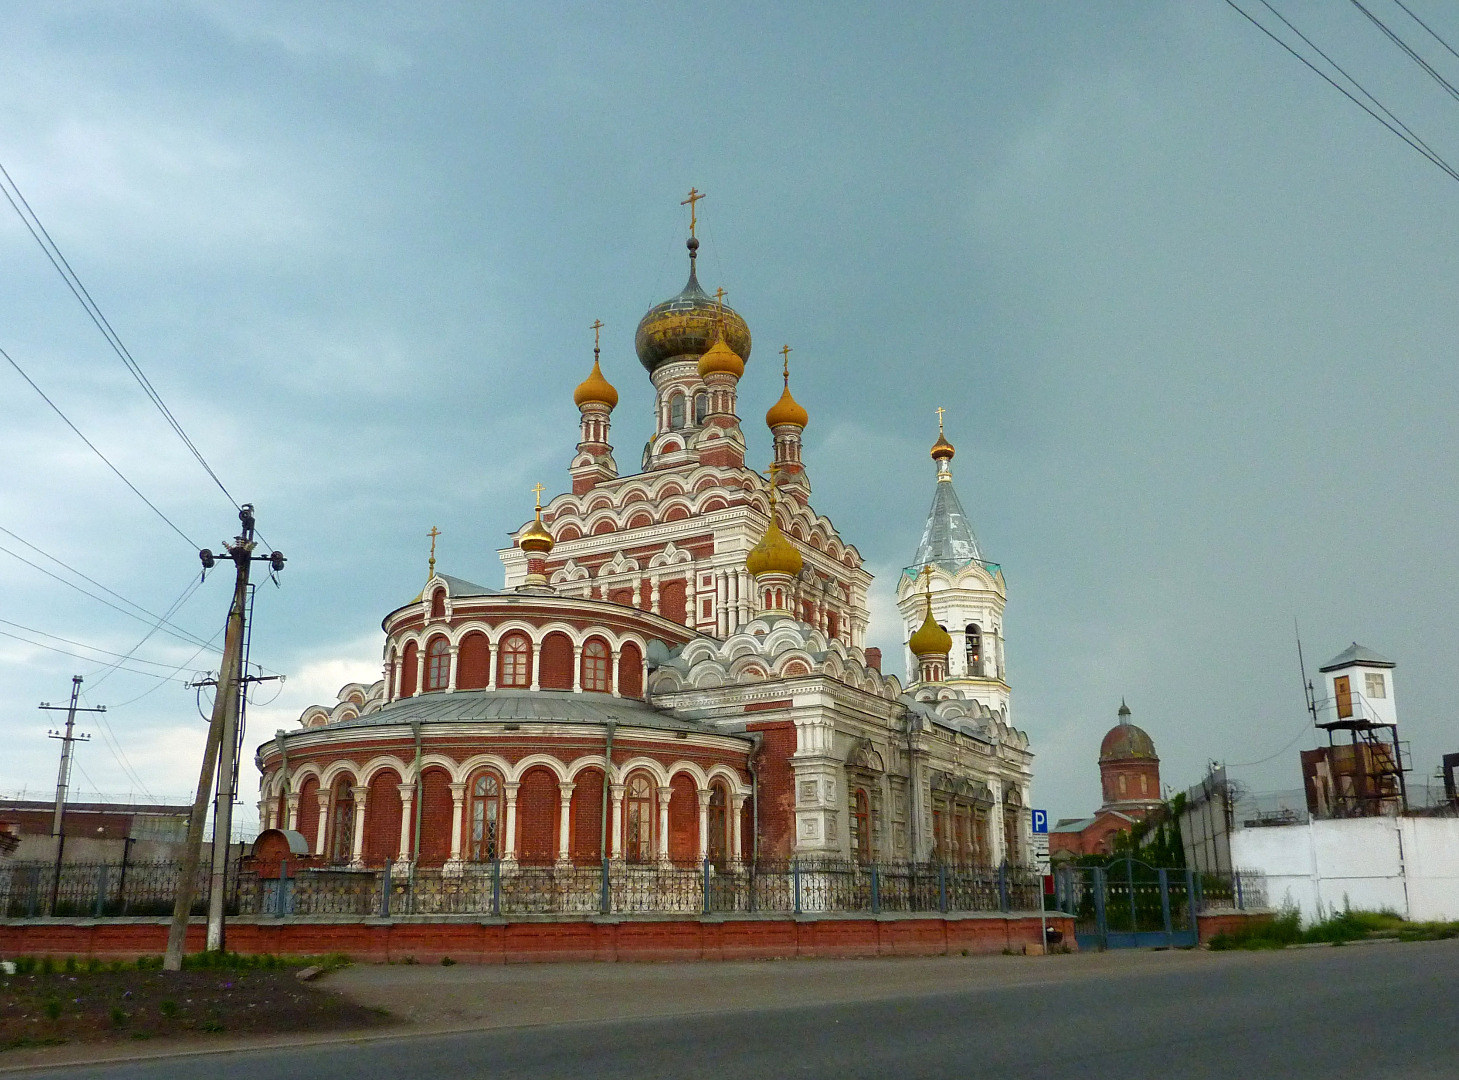 Никольский (Иоанно-Предтеченский) собор, Кунгур